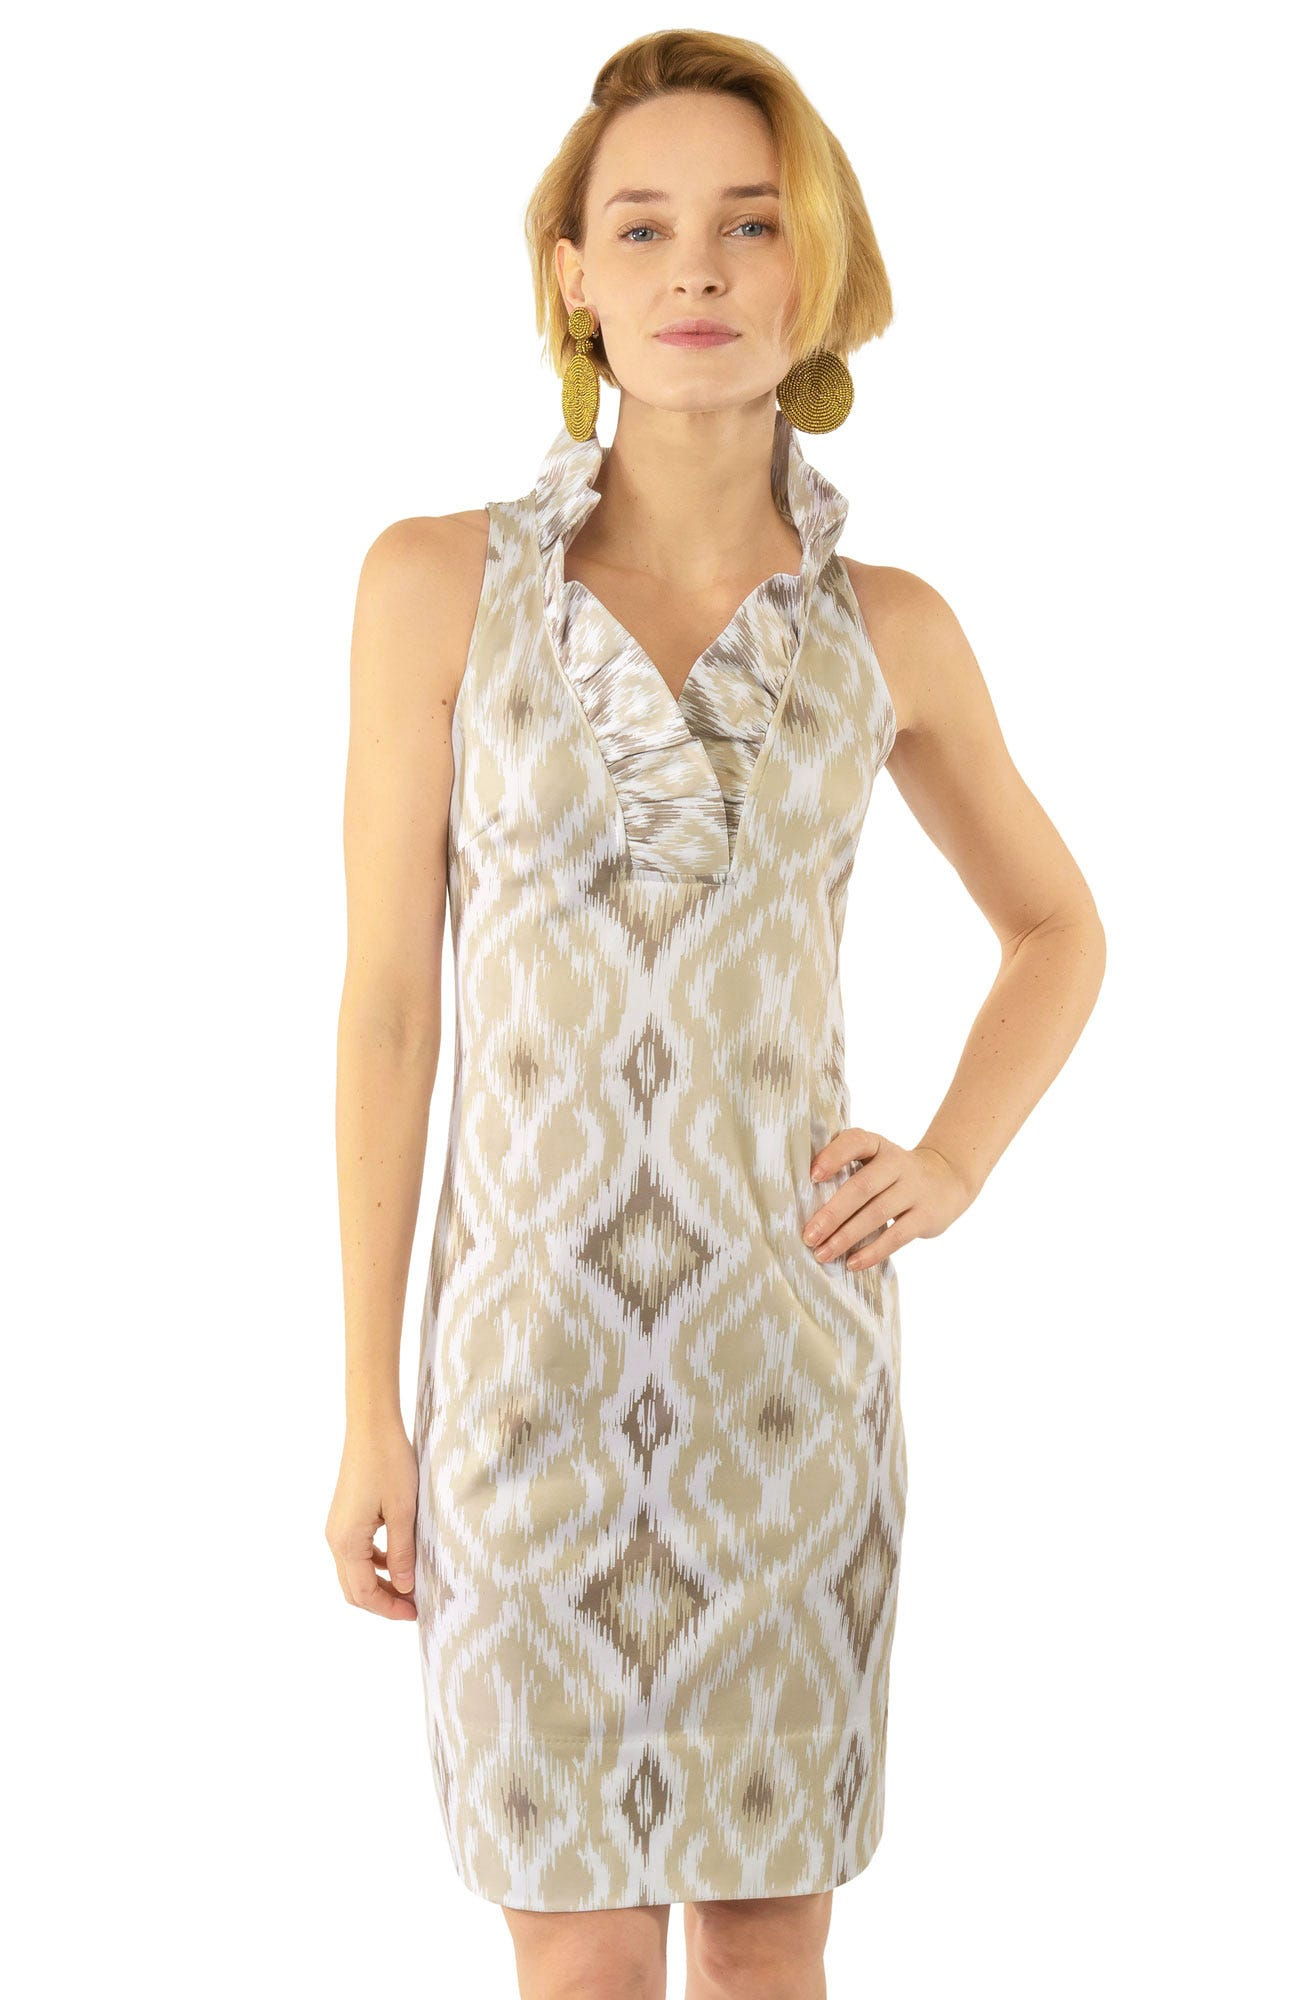 59976466e5f Jersey Ruffneck Sleeveless Dress - Kitt Ikat